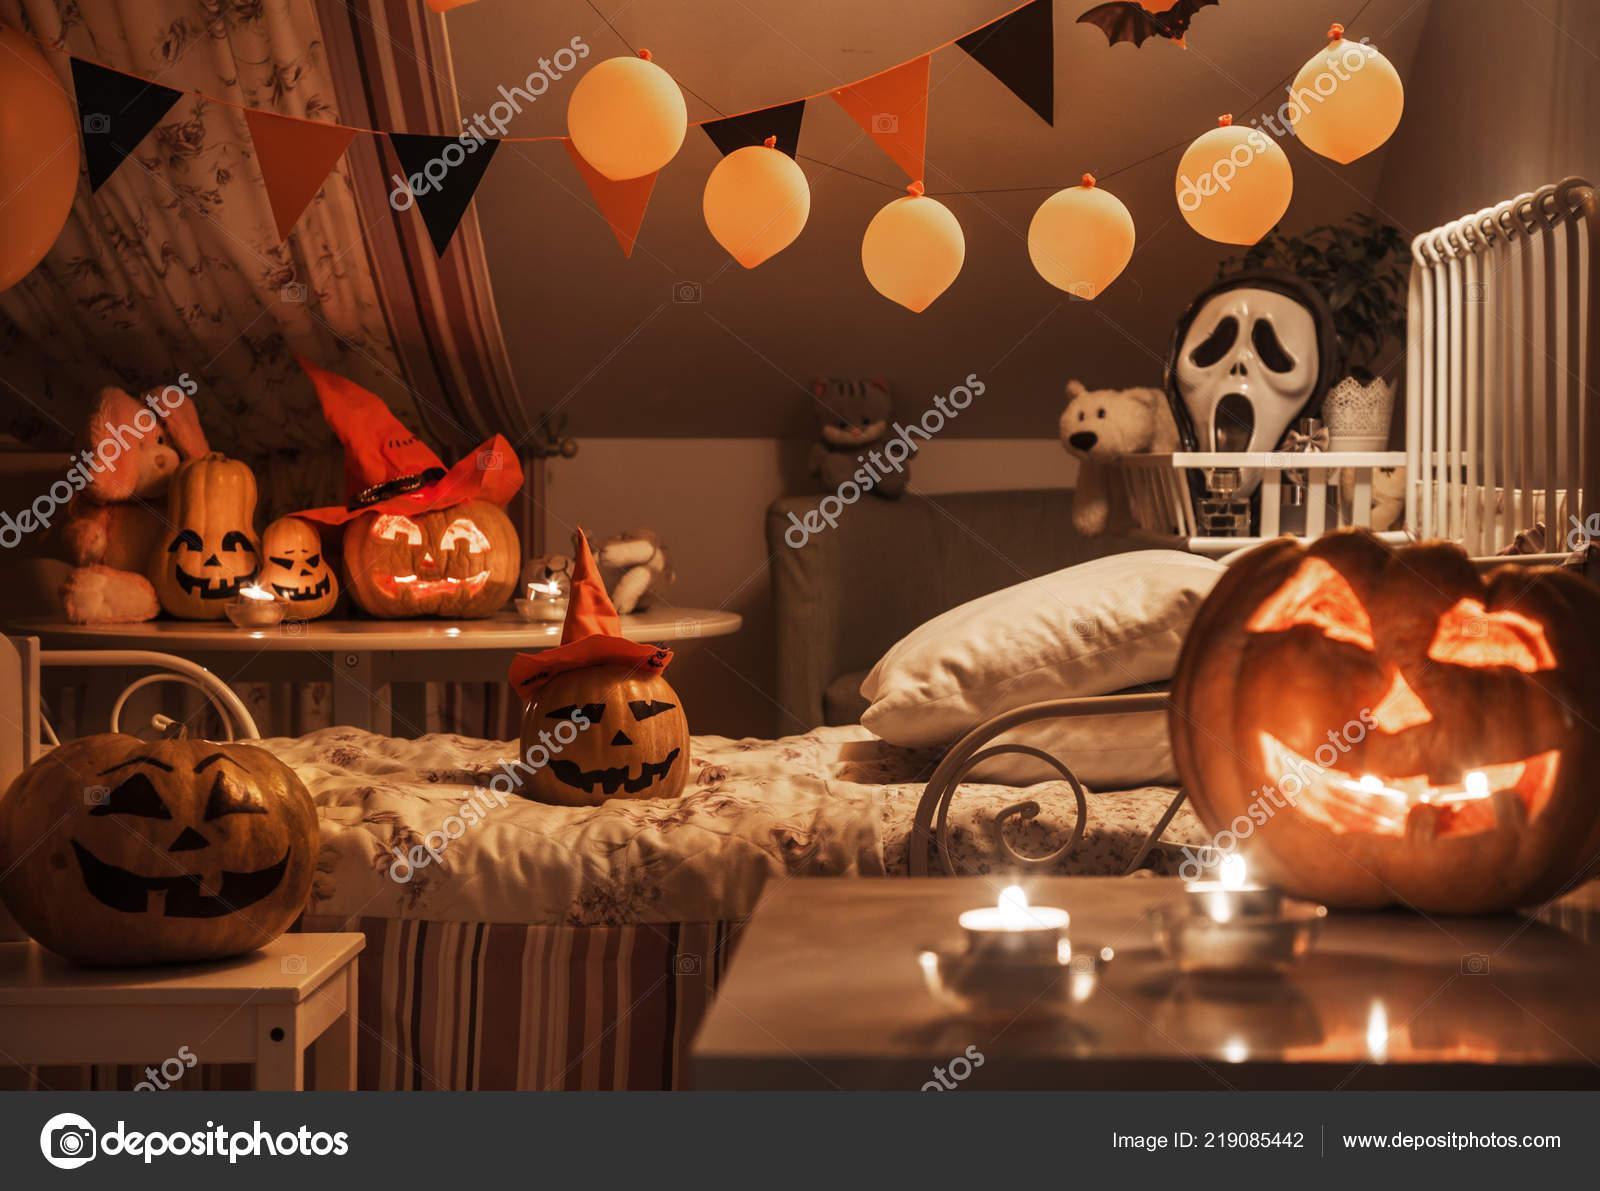 Interno una camera bambini decorato vacanze halloween nell